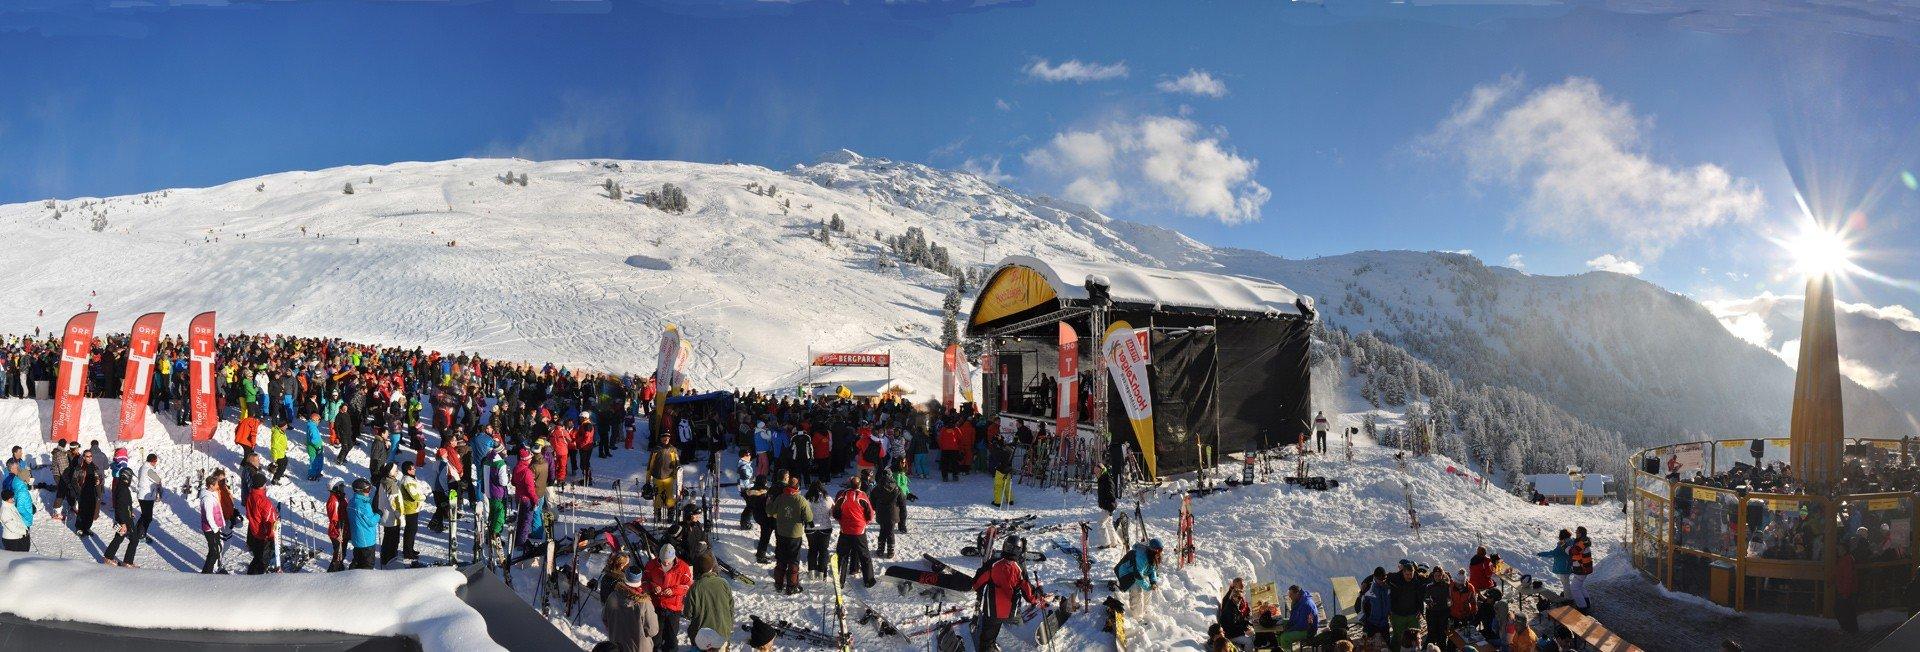 Hochzeiger Ski-Opening - © https://www.pitztal.com